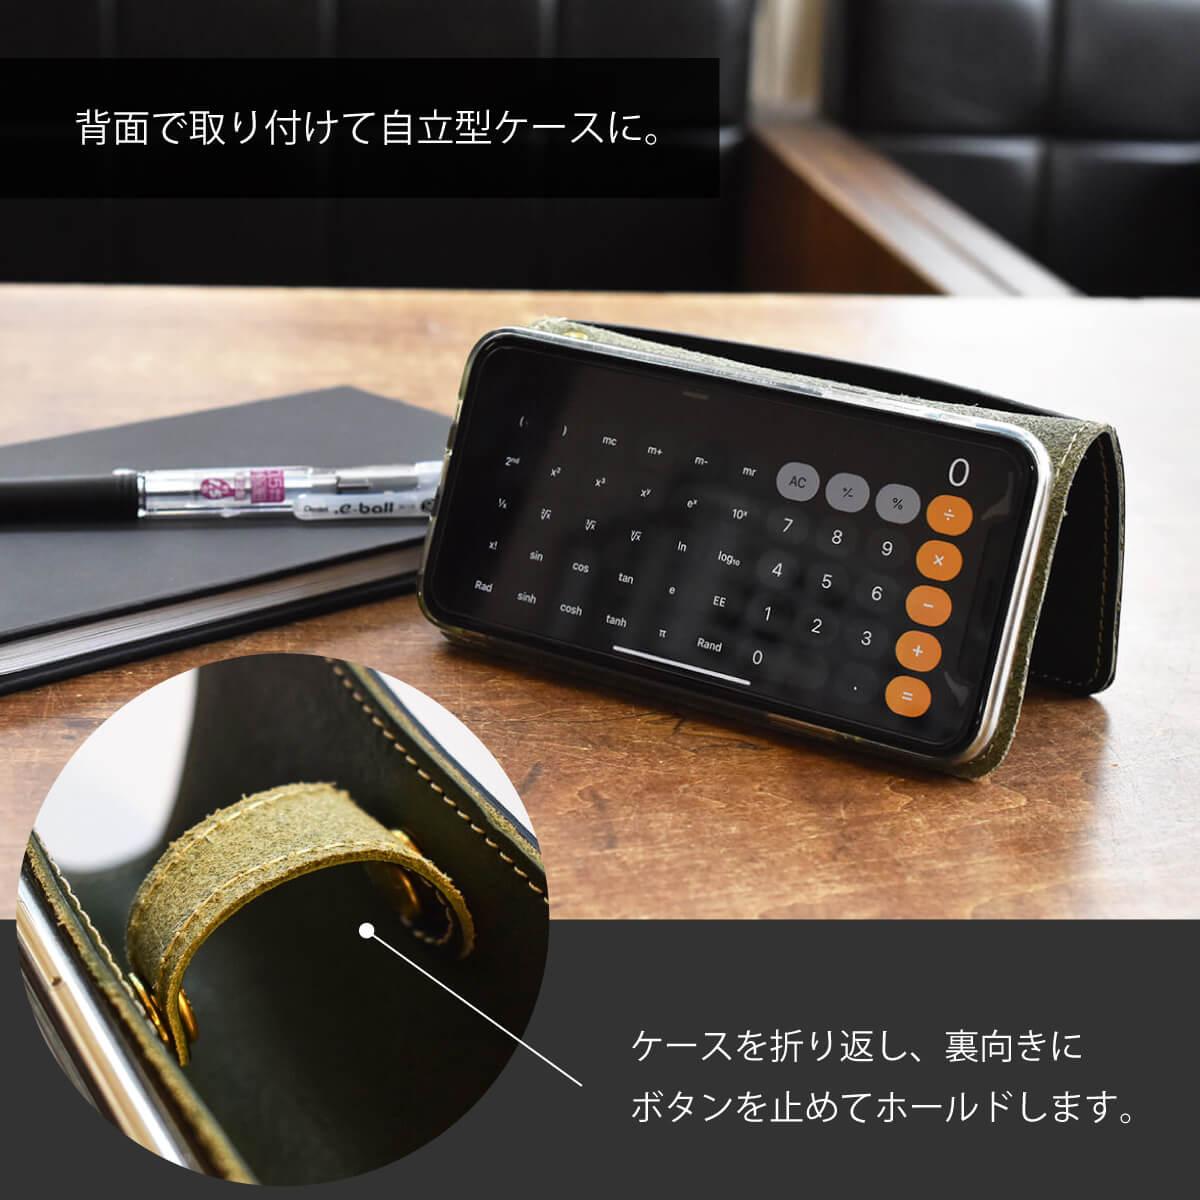 栃木レザー スマホケース2.0 Choco フラップ付き iPhone Android 最新機種対応 【名入れ可】